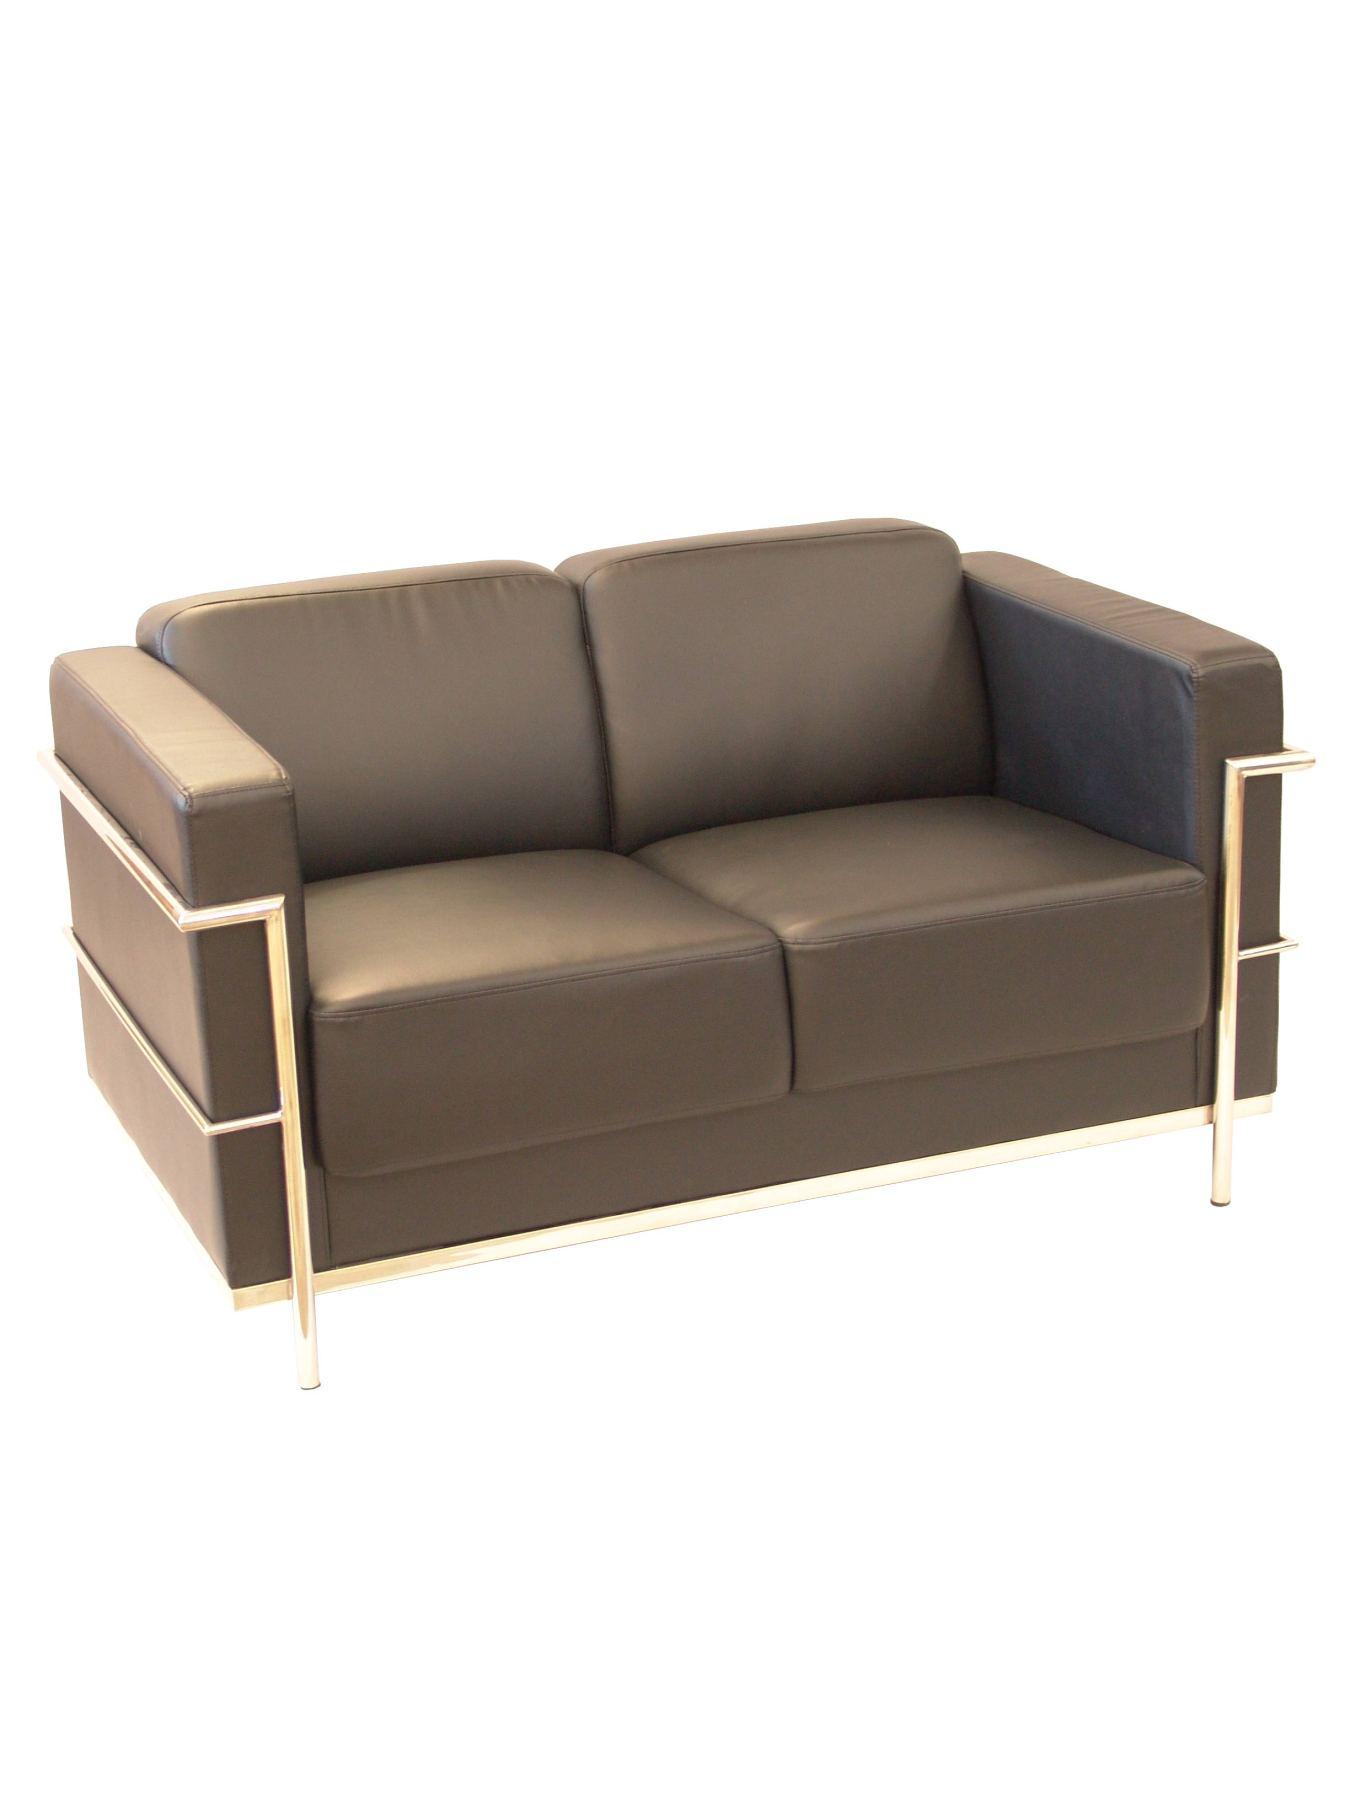 Sofa von Modulo/standby zwei-sitzer-Polster in similpiel farbe schwarz PIQUERAS und GEWELLT Modell Tarazona 2,0